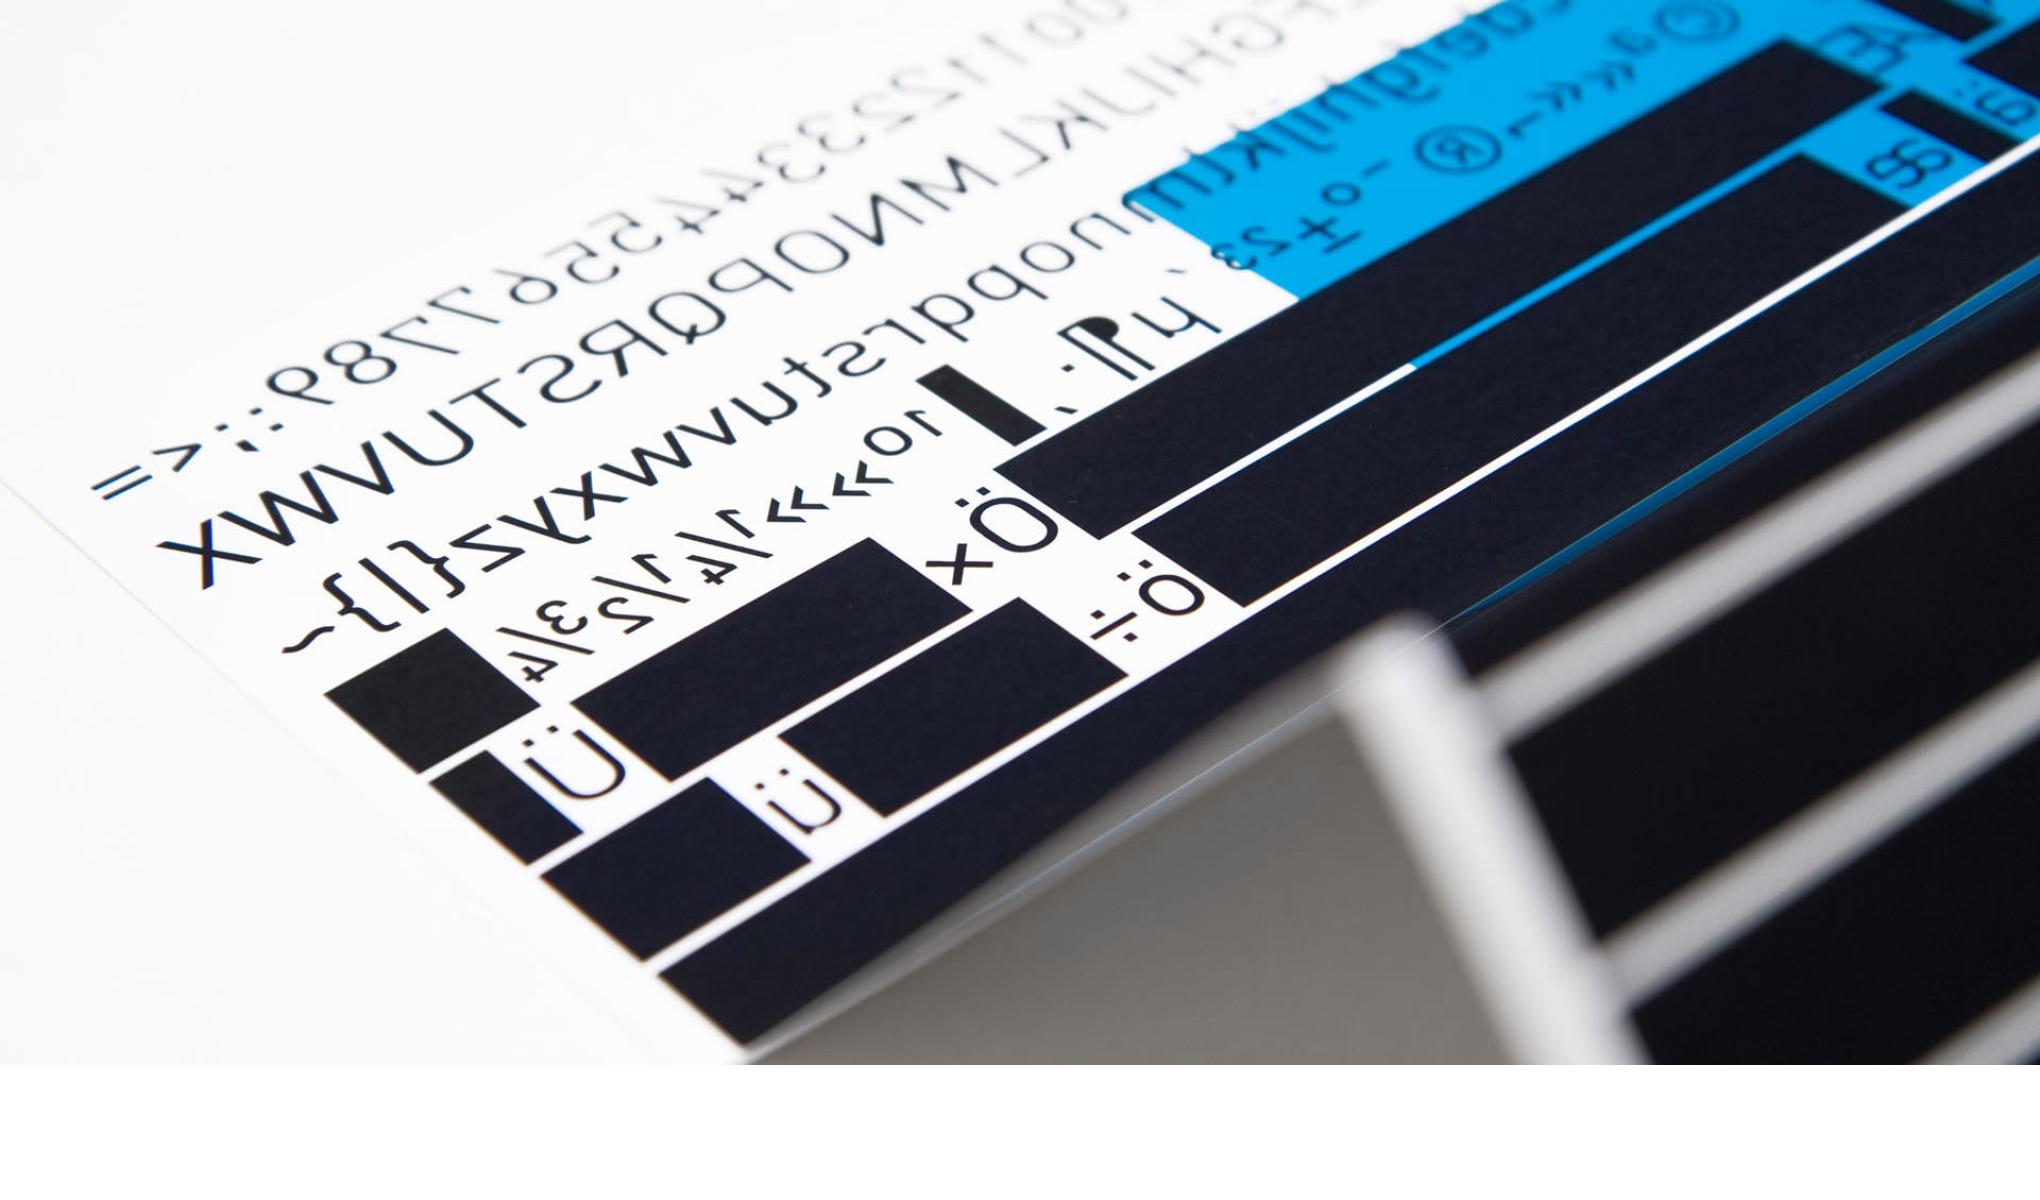 Das Corporate Design für die Text-Agentur hedora aus Trier haben die sons of ipanema aus Köln erarbeitet.